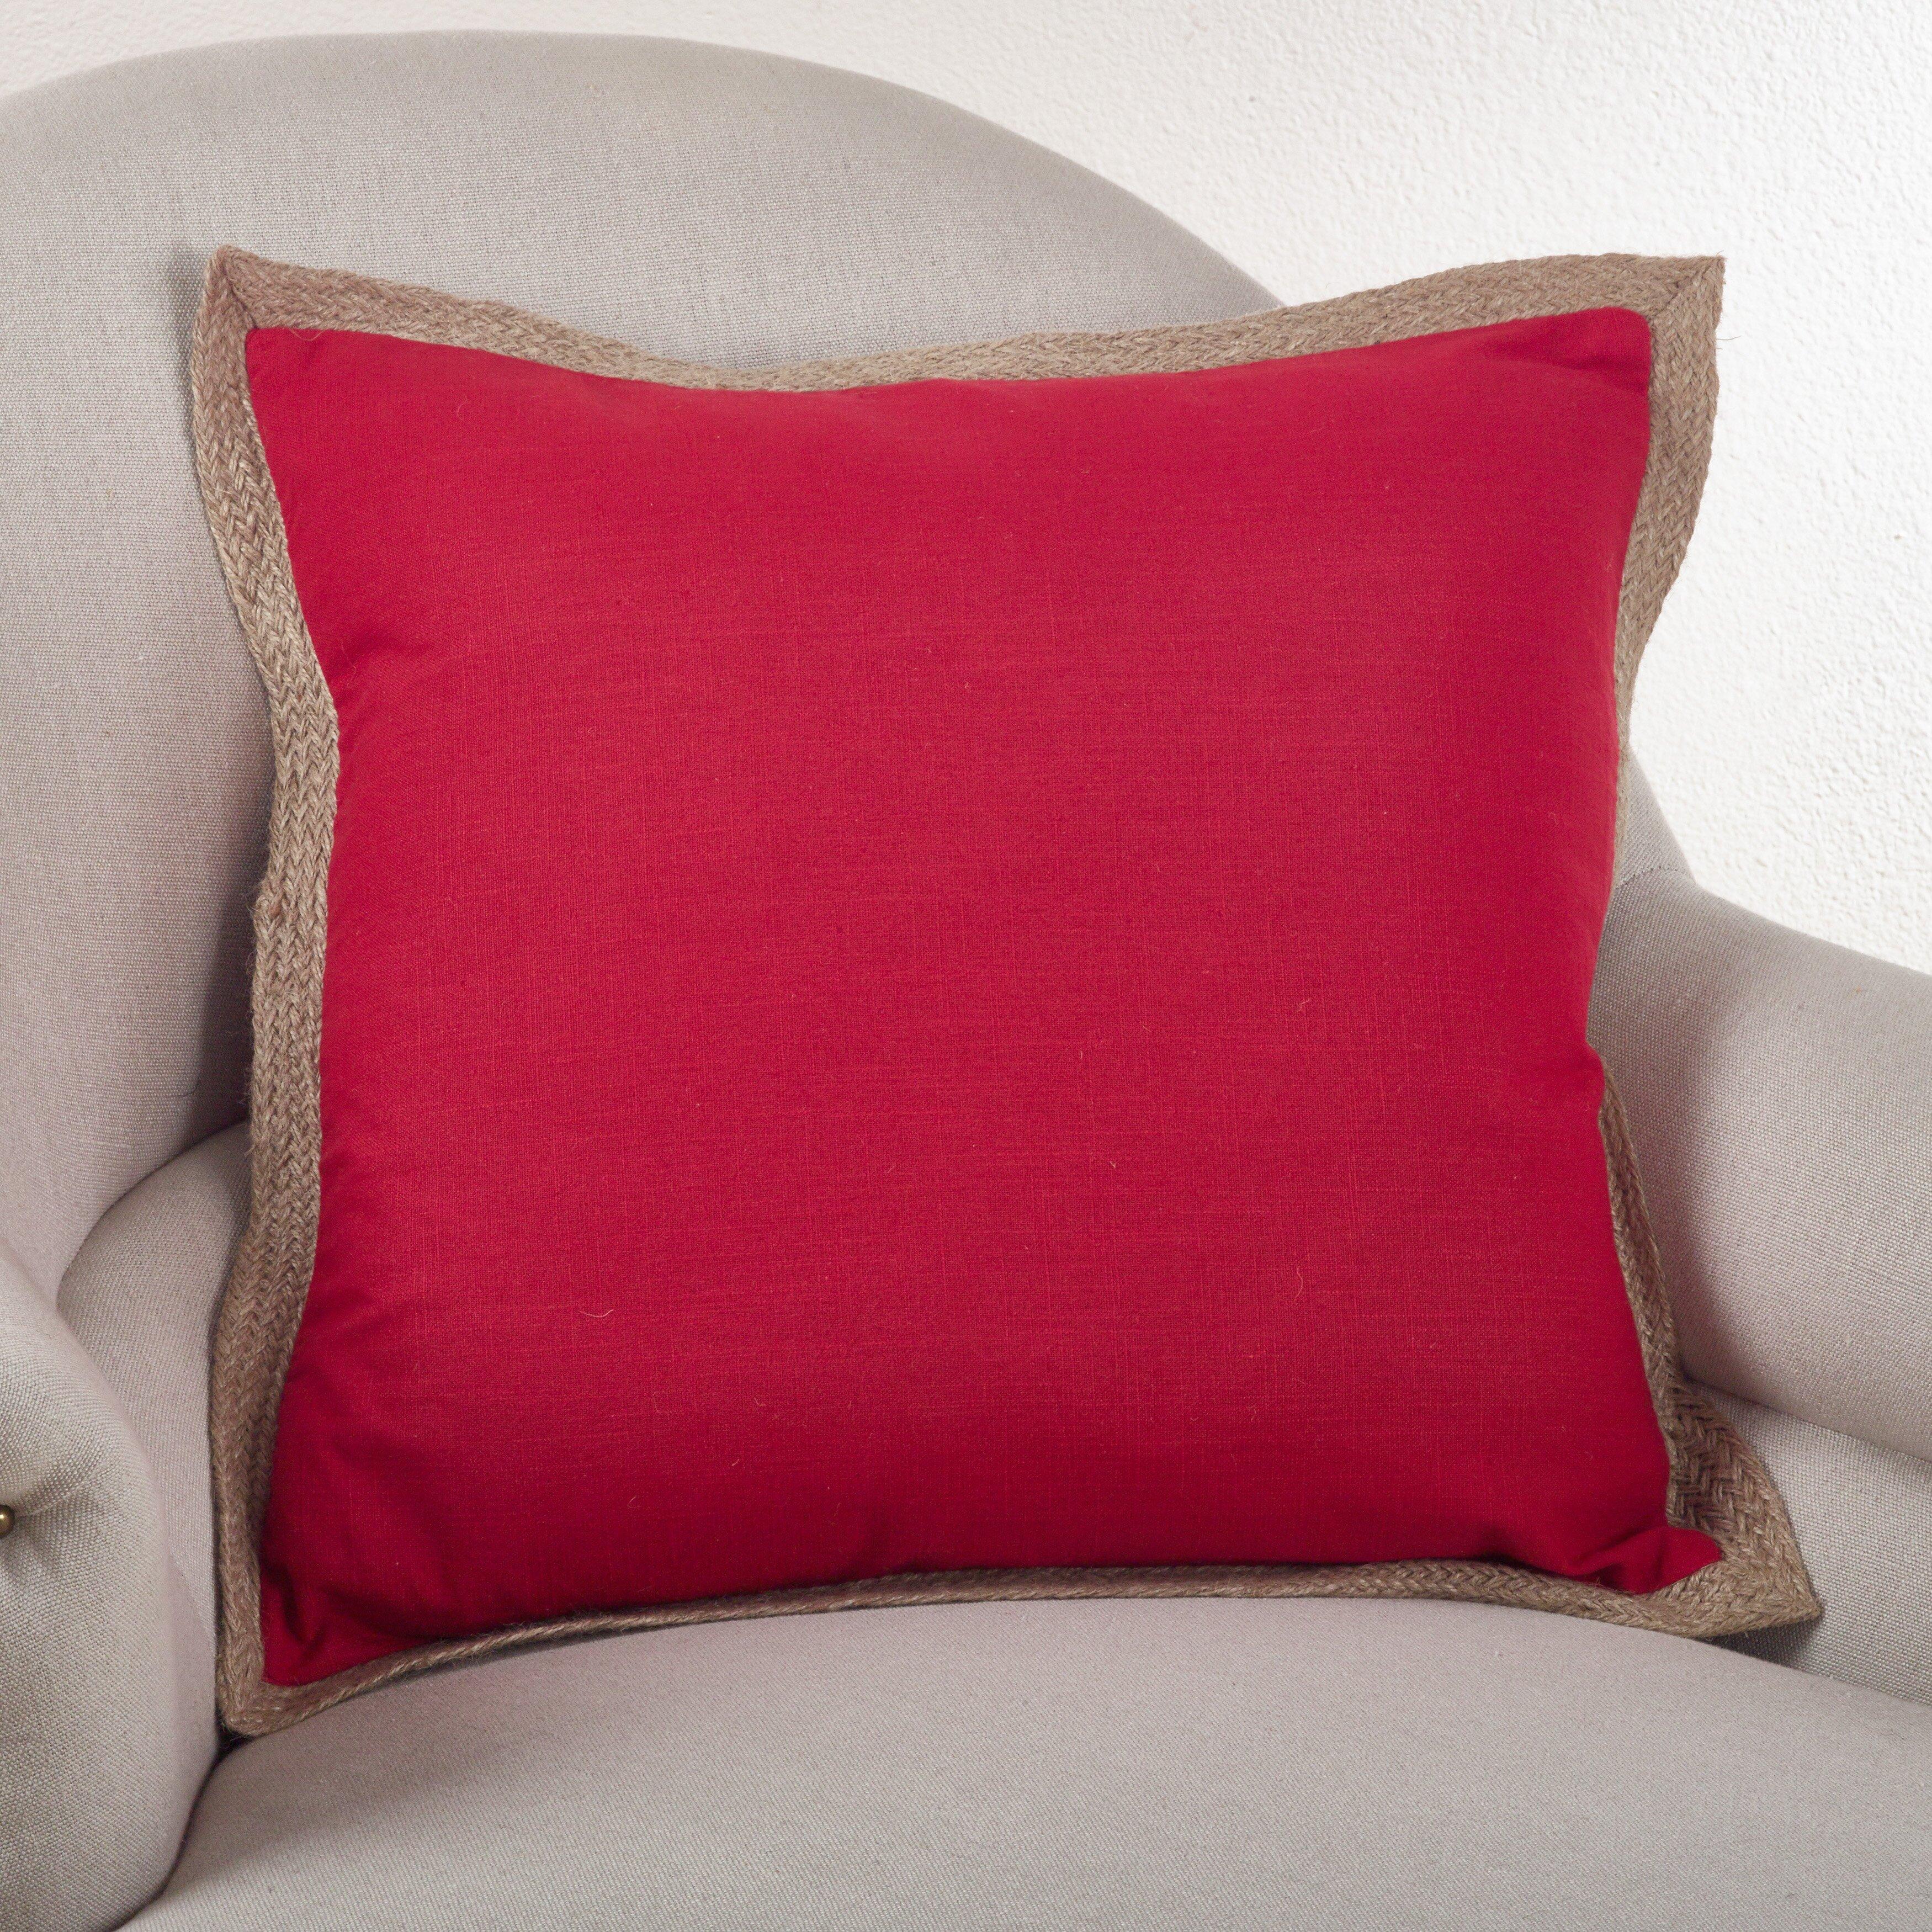 Saro Classic Jute Trim Cotton Throw Pillow & Reviews Wayfair